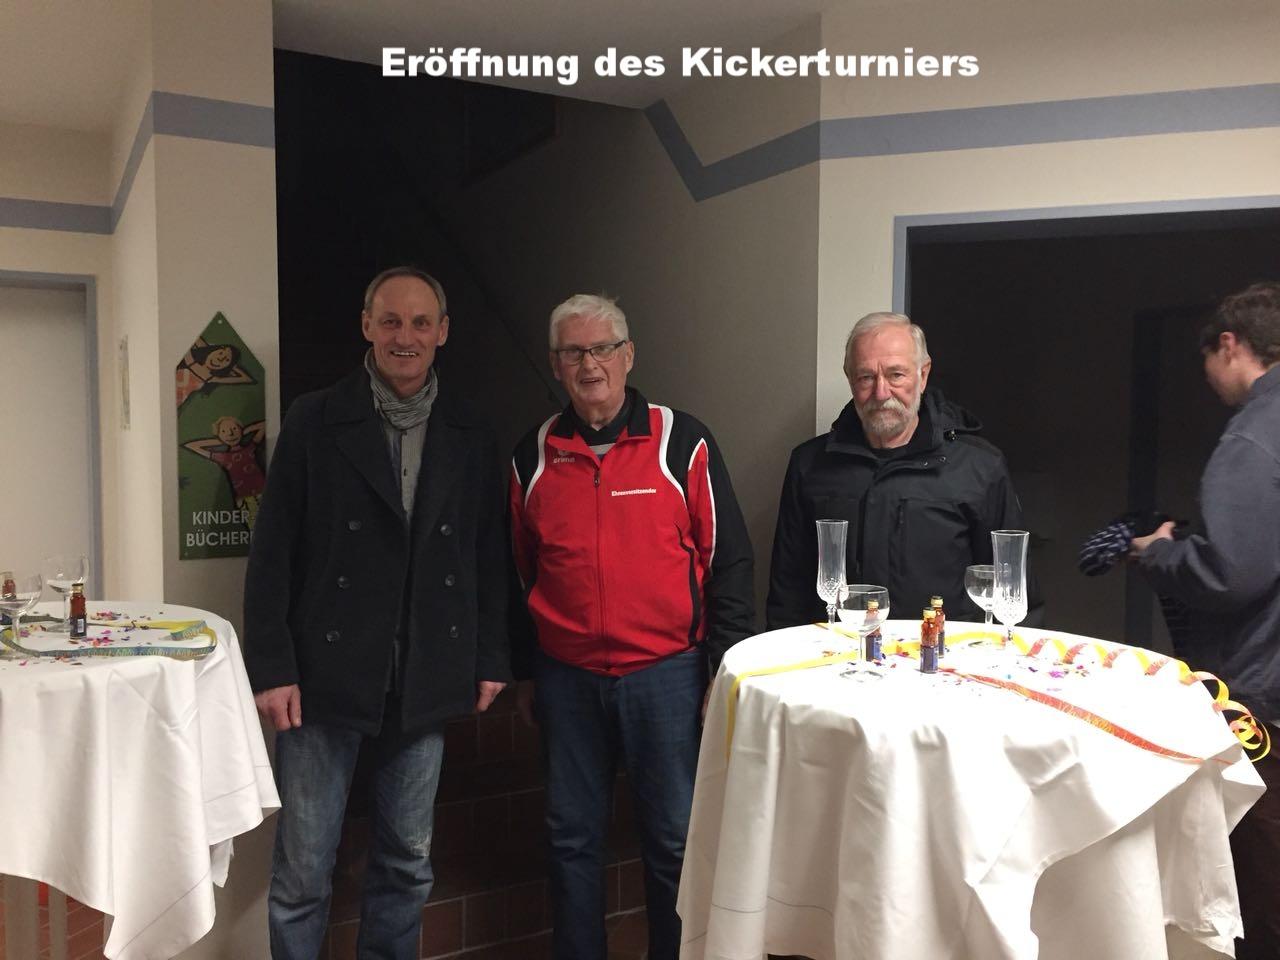 Eröffnung des Kickerturniers durch Organisator Tobe Asche, auf dem Bild mit Ehremvorsitzendem Gerd Bohlken und 1. Vorsitzendem Calle Herzog (v.l.n.r.)